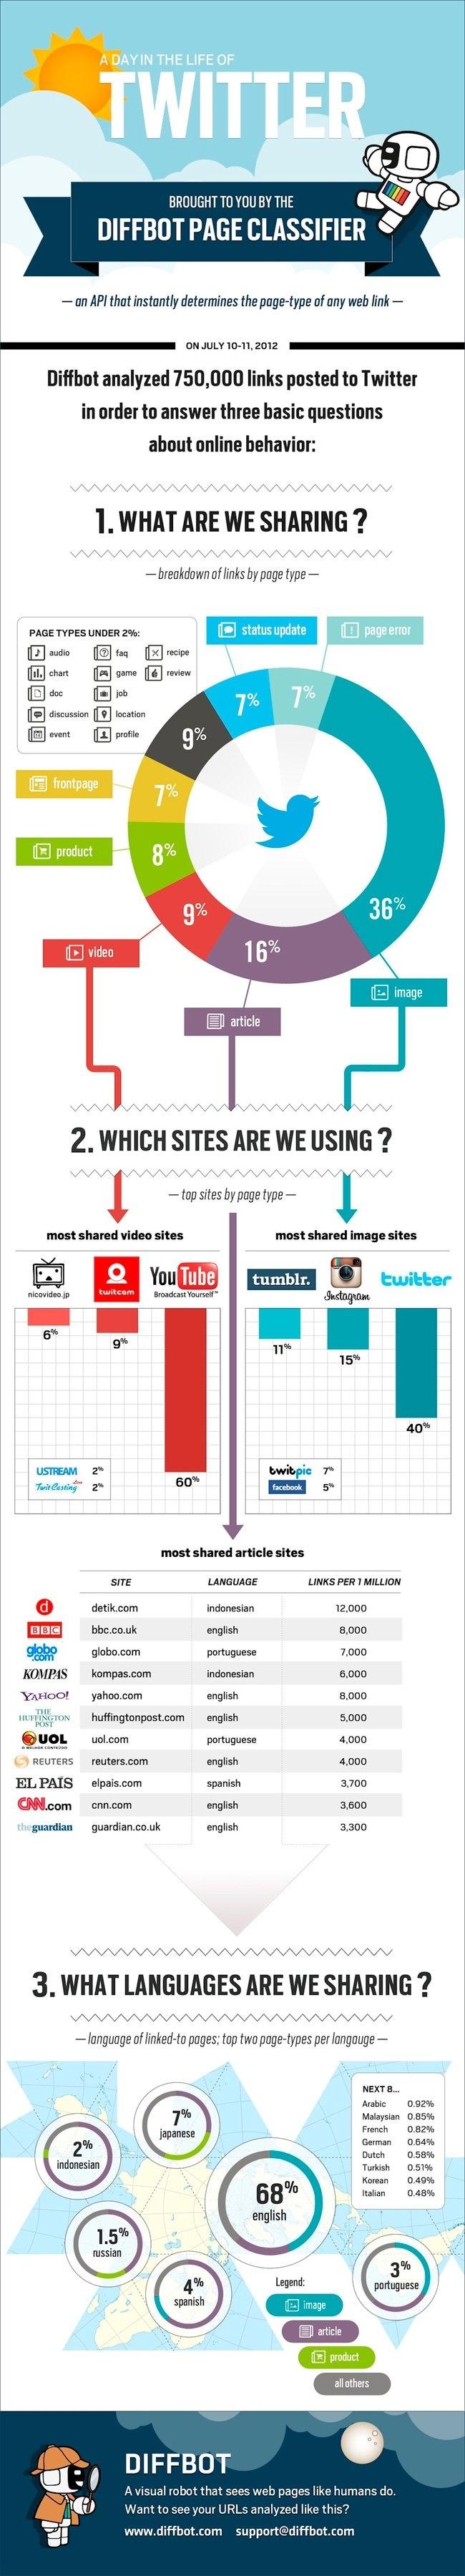 Cómo son los enlaces que se comparten en Twitter #infographic